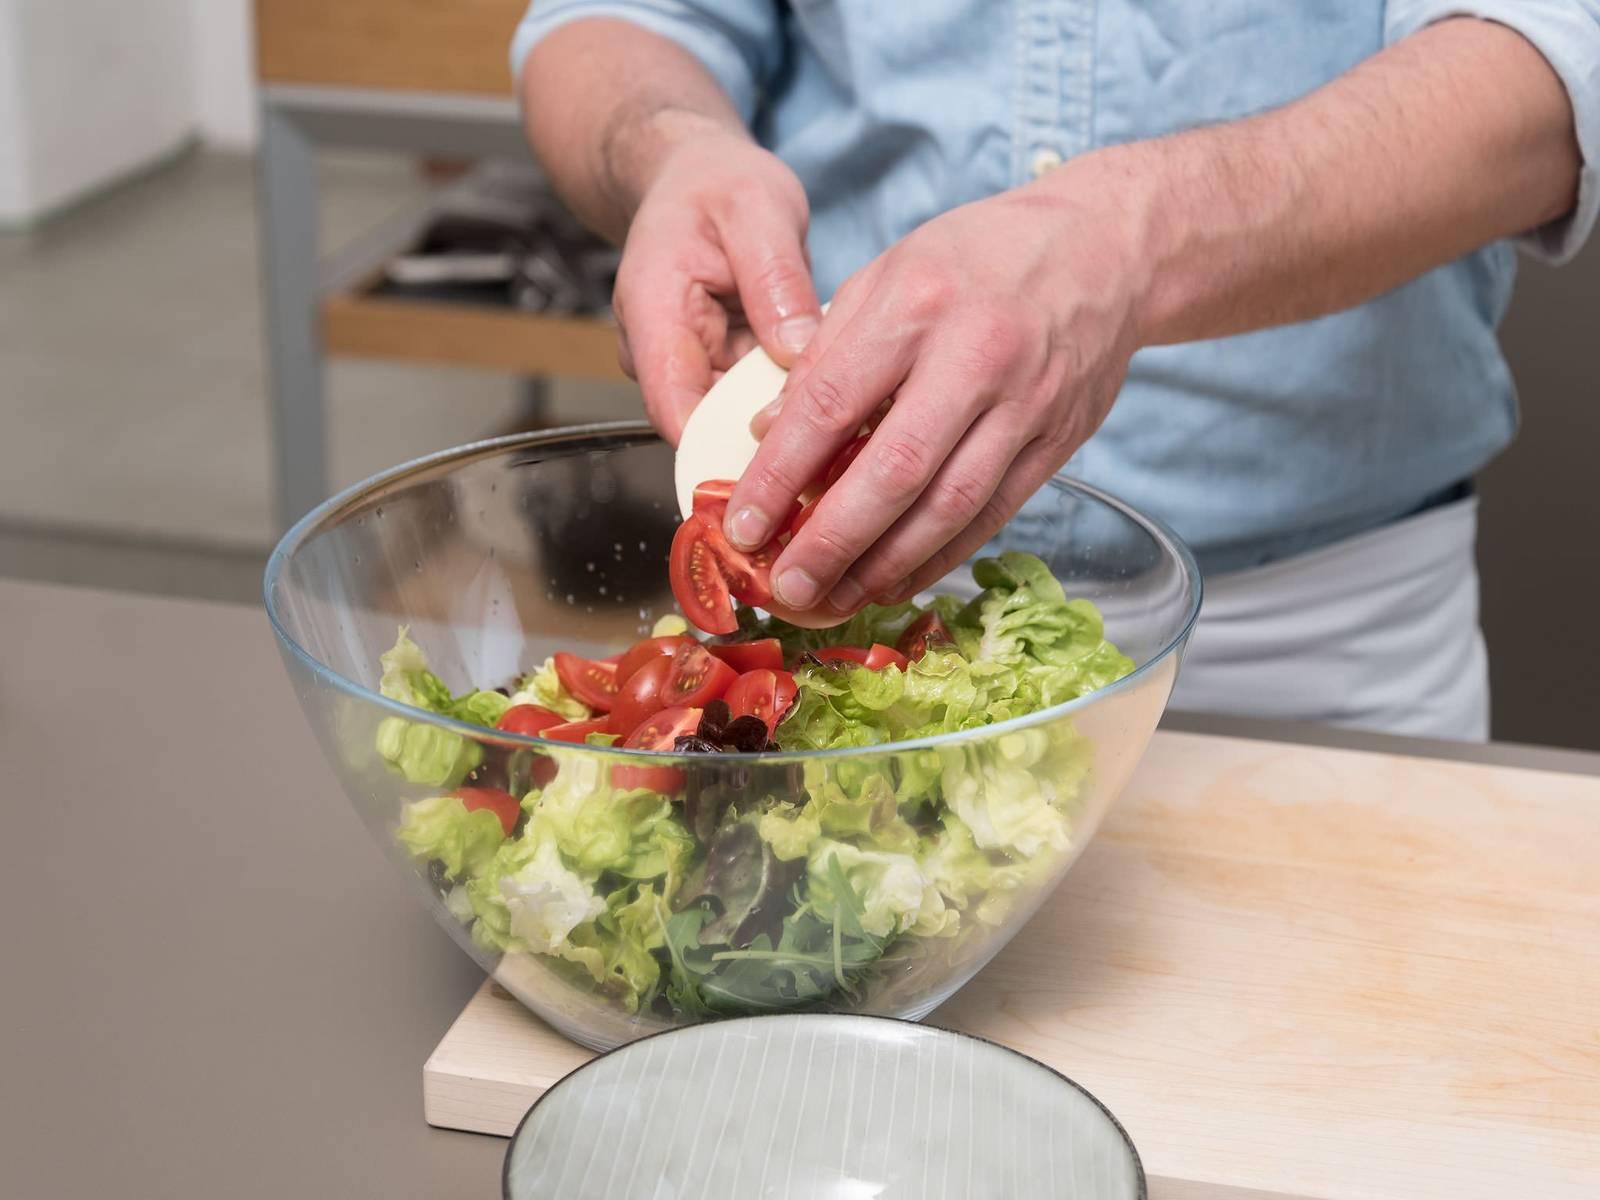 清洗芦笋和生菜,樱桃番茄切成四瓣。将芝麻菜、生菜和番茄放到大搅拌碗中。置于一旁。